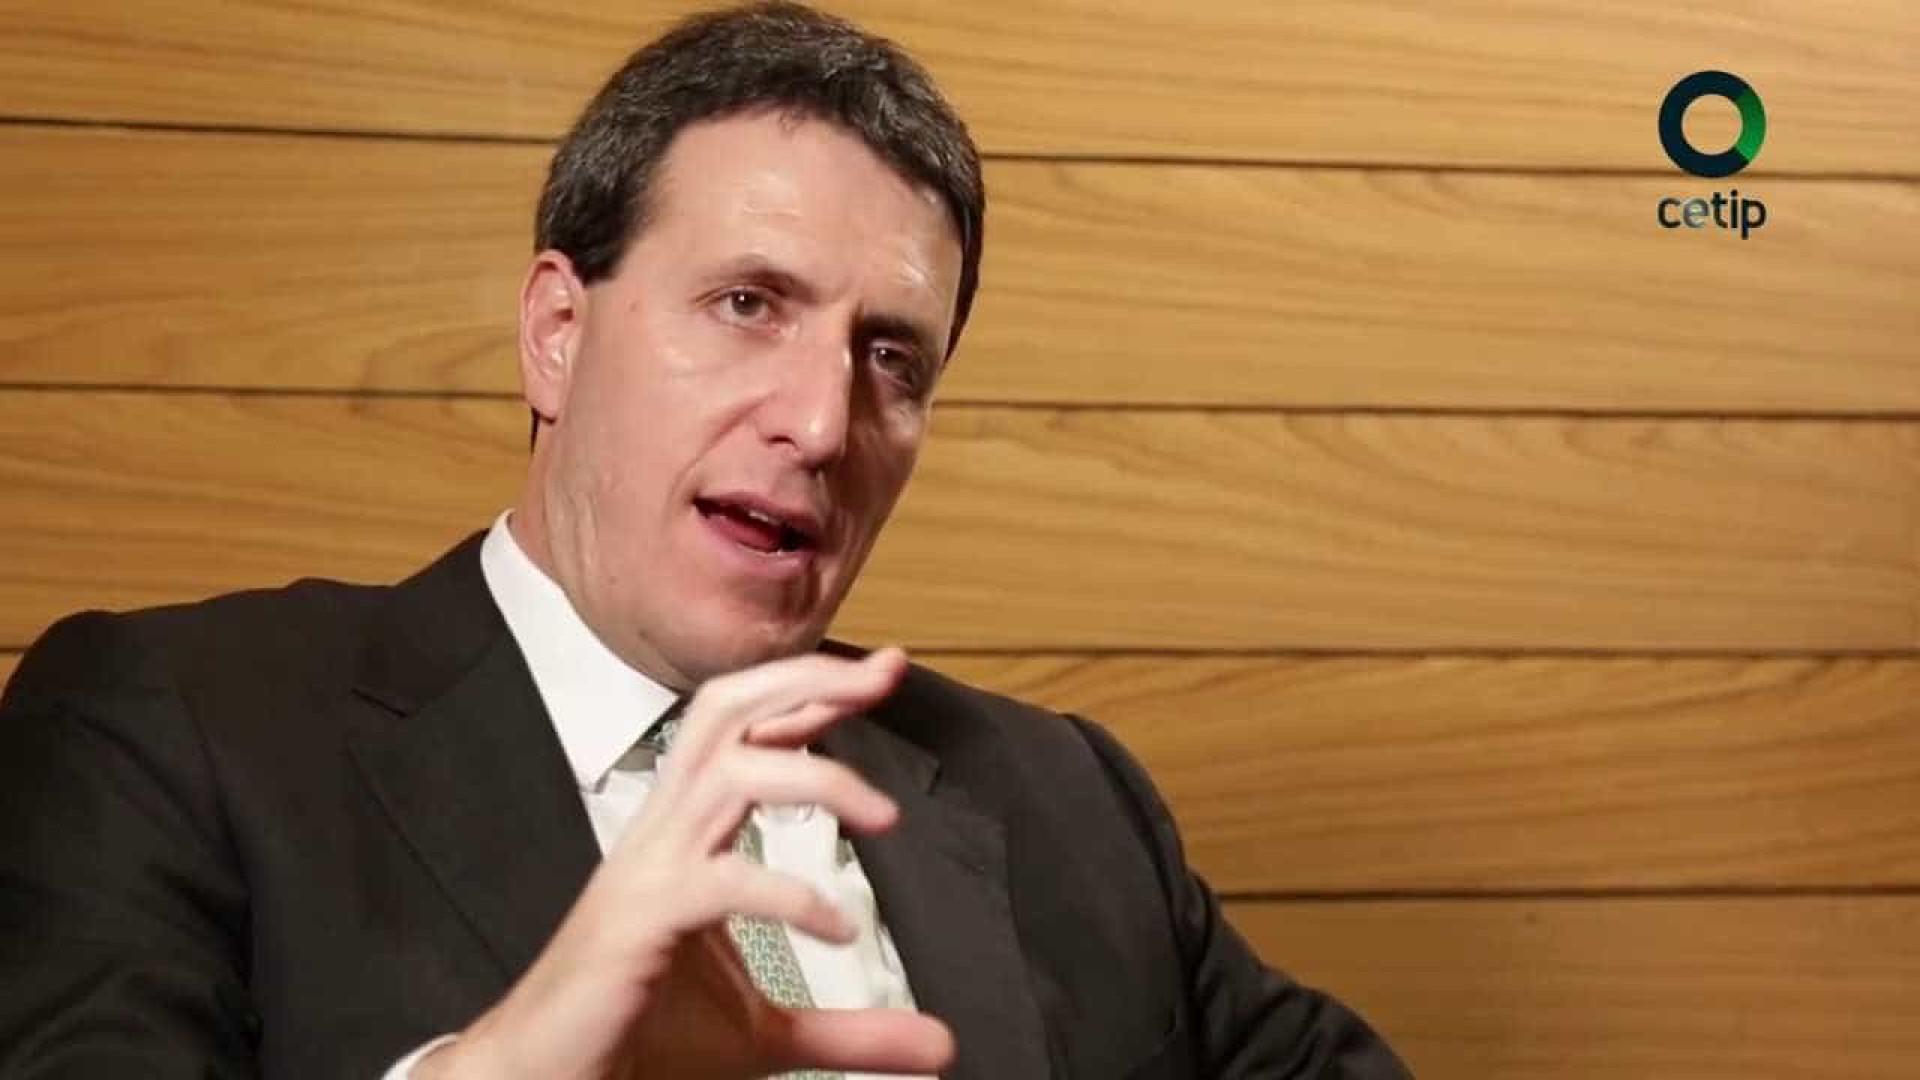 Mercado precifica que Previdência não passa, diz presidente da Bolsa